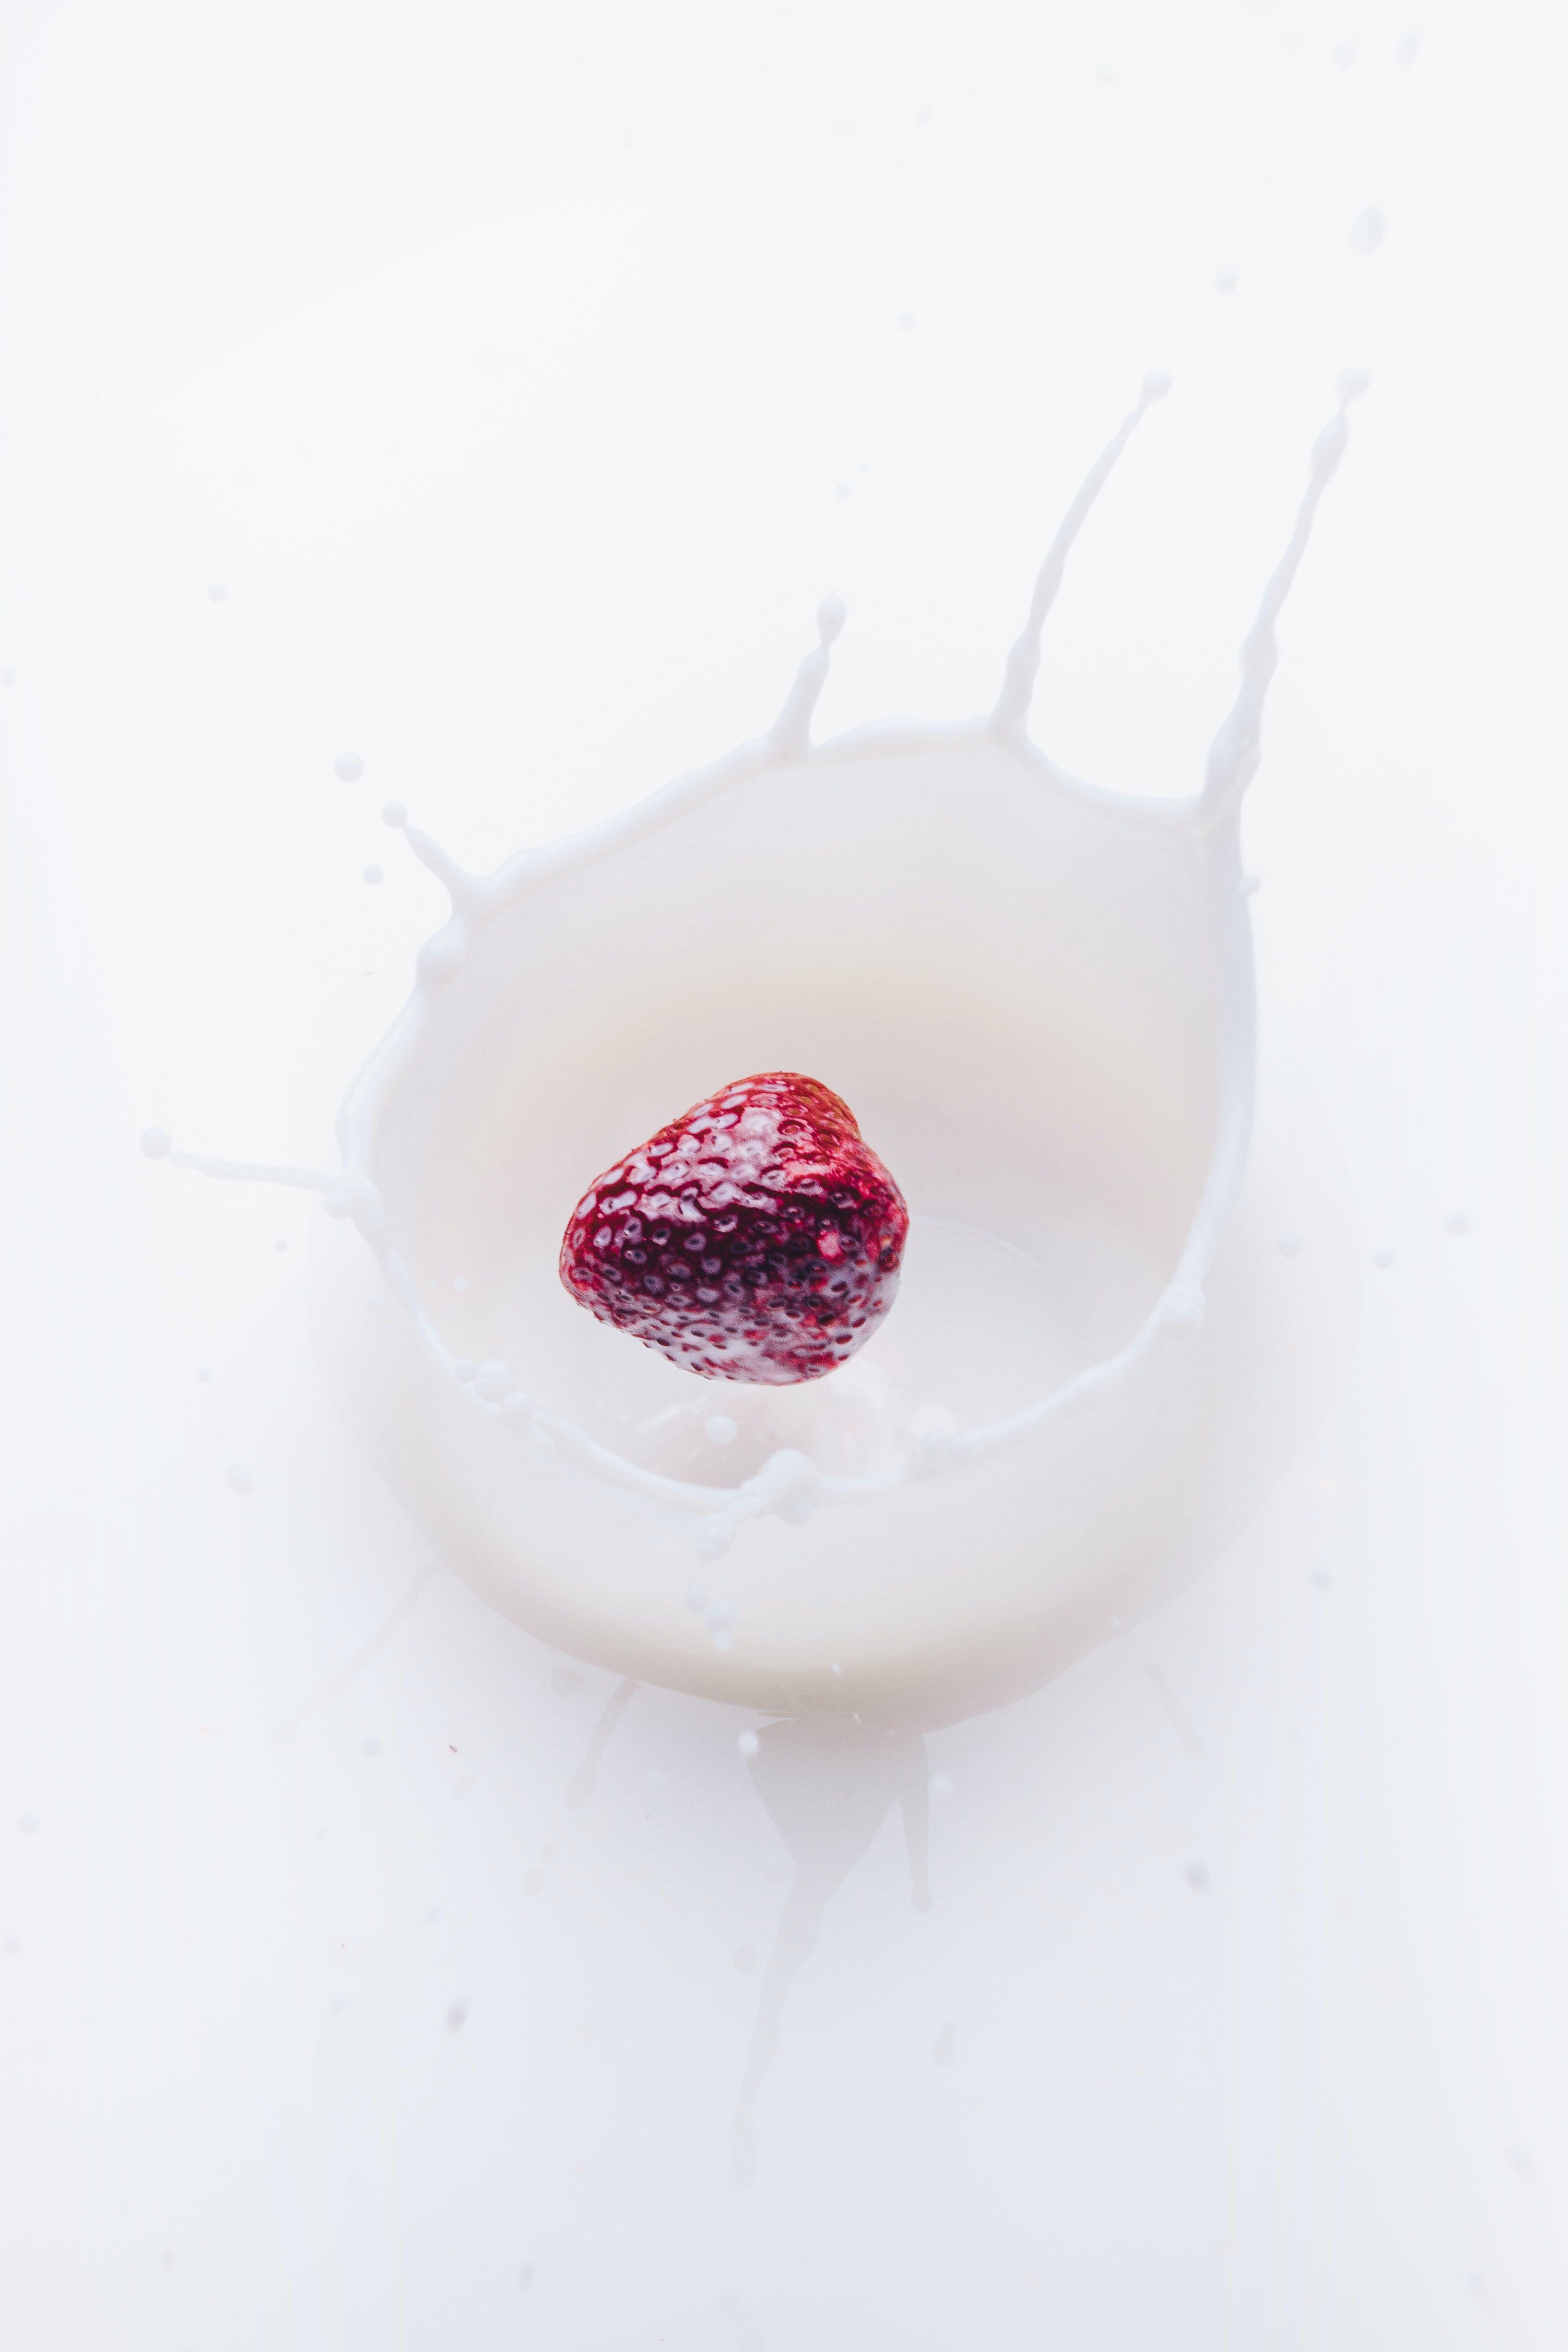 fruit, liquid, milk